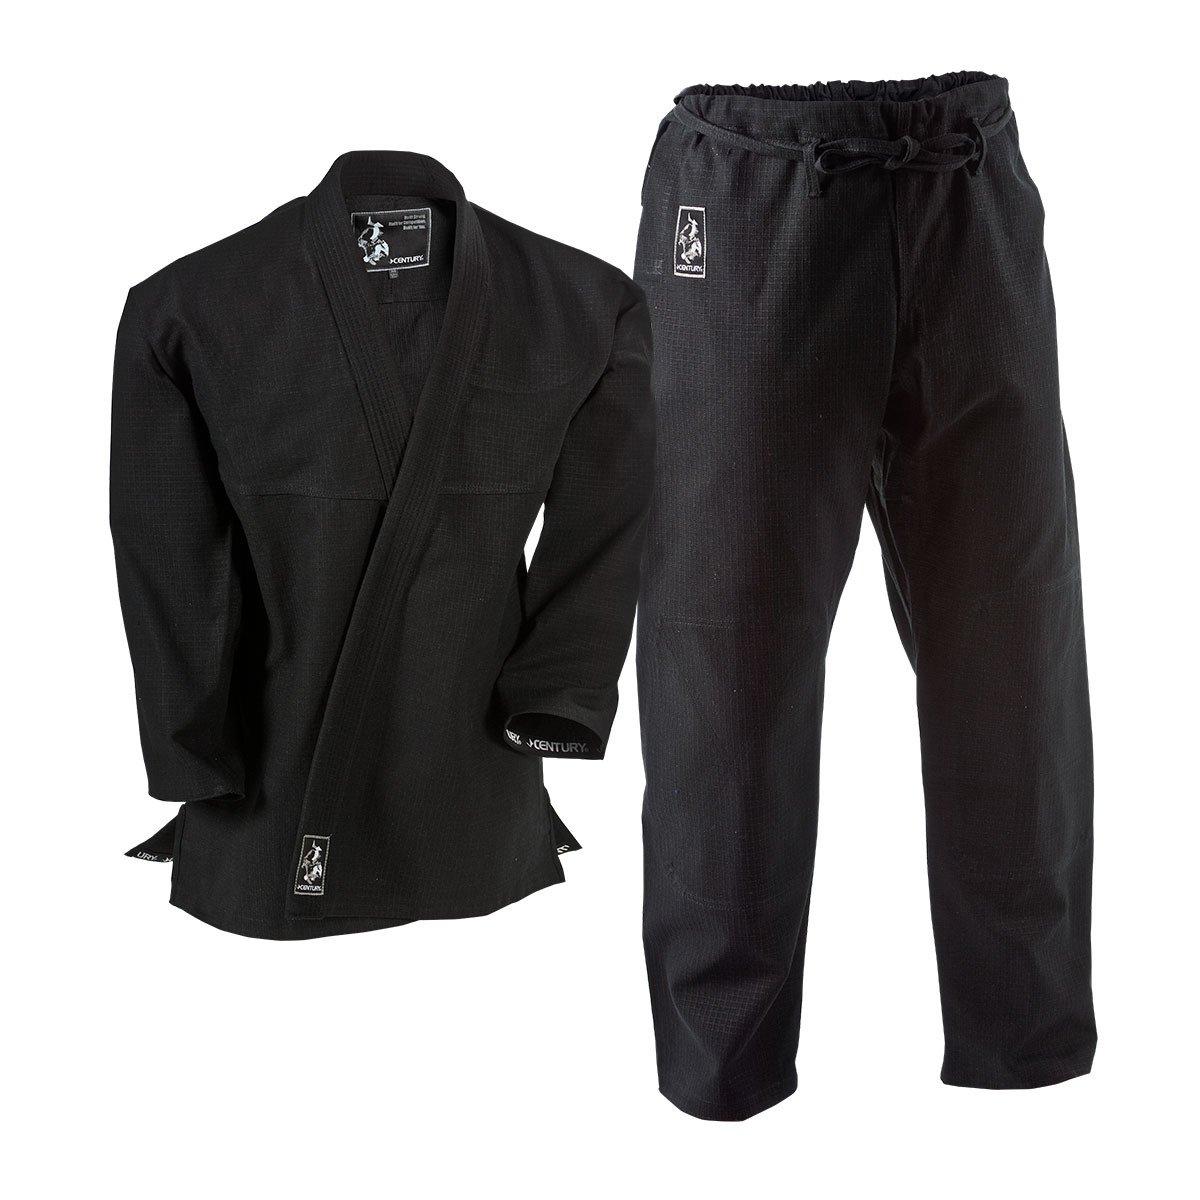 Century® Men's Ripstop Brazilian Fit Jiu-Jitsu Gi Uniform